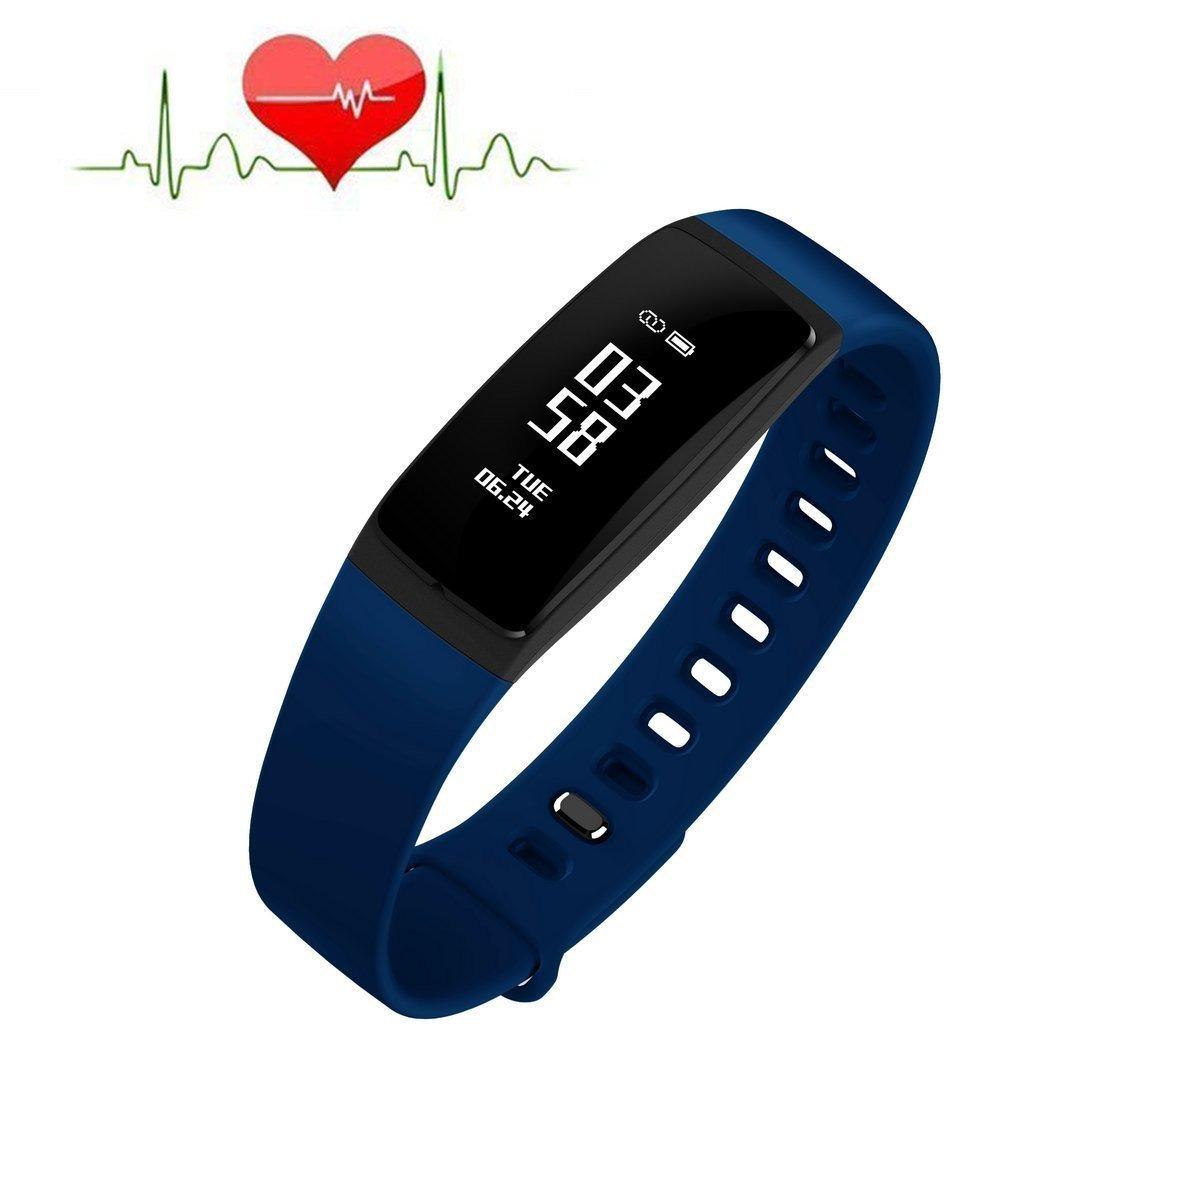 ba0c8a17f fitness tracker pulsera inteligente podómetro pulsera monit. Cargando zoom.